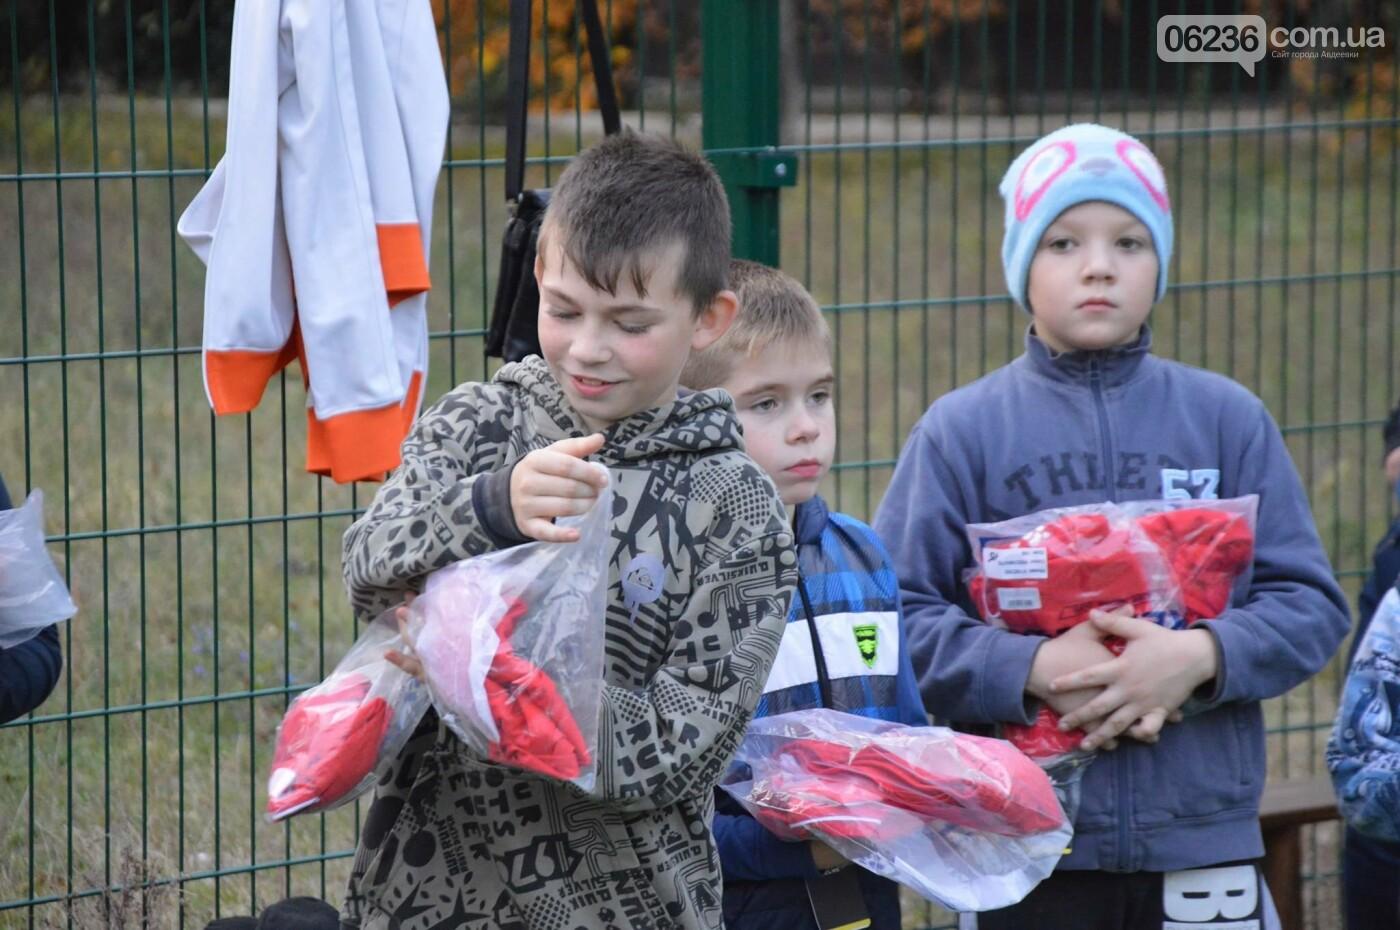 Нардеп Муса Магомедов продолжает поддерживать развитие спорта в Авдеевке (ФОТОФАКТ), фото-3